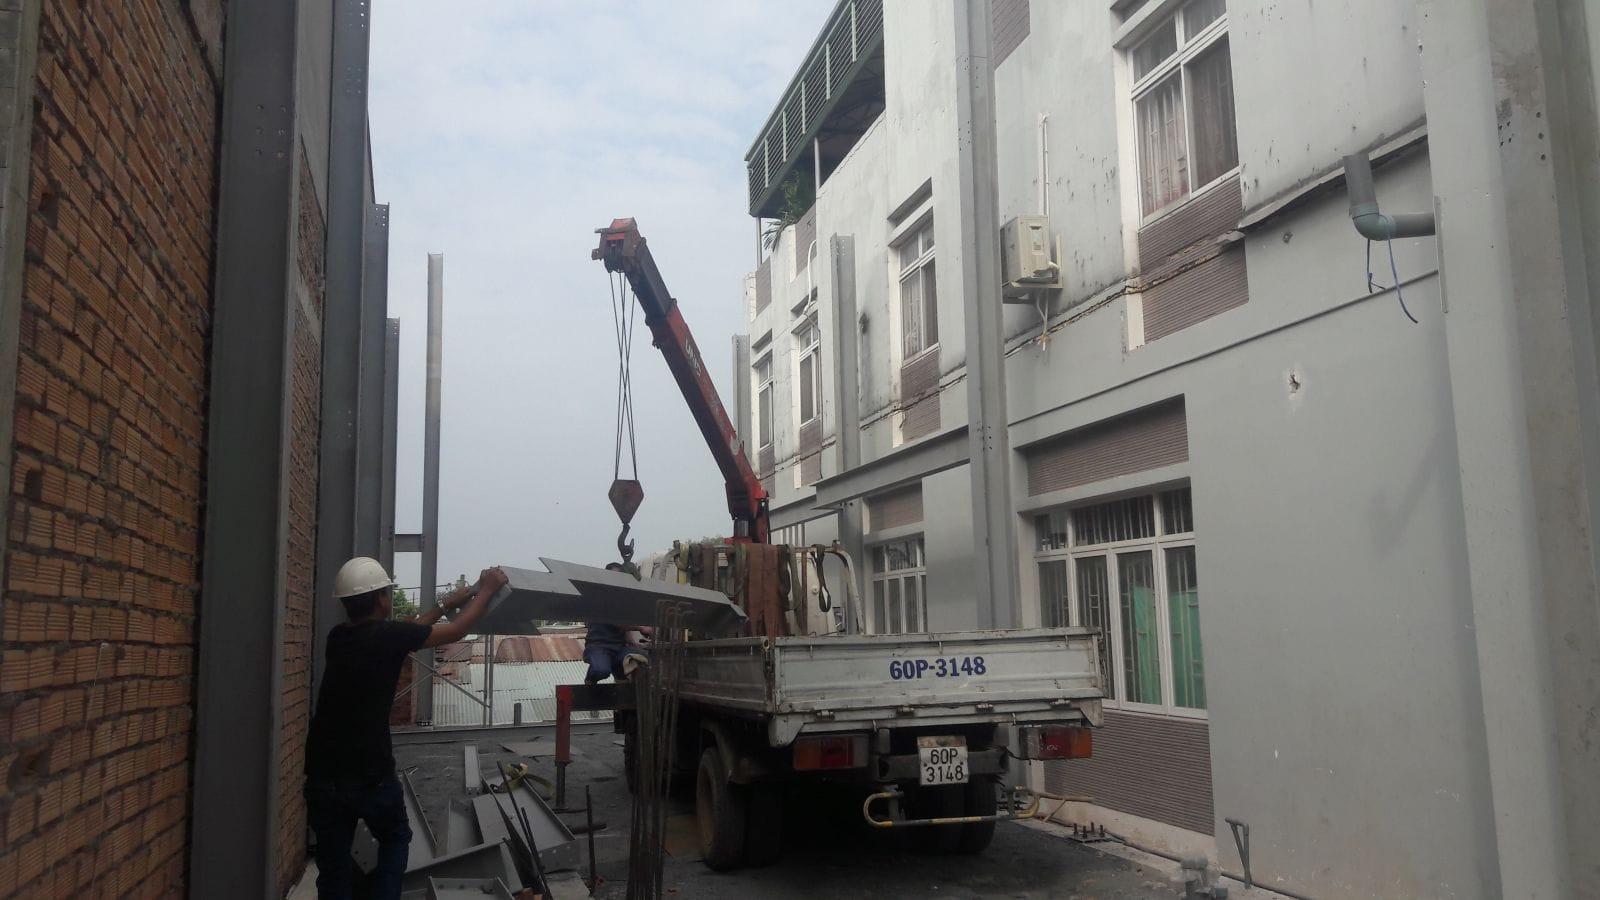 Thi công nhà phố kết cấu thép gia đình chị Quỳnh Chi tại Hố Nai - Biên Hòa - Đồng Nai - Ảnh công trường 5